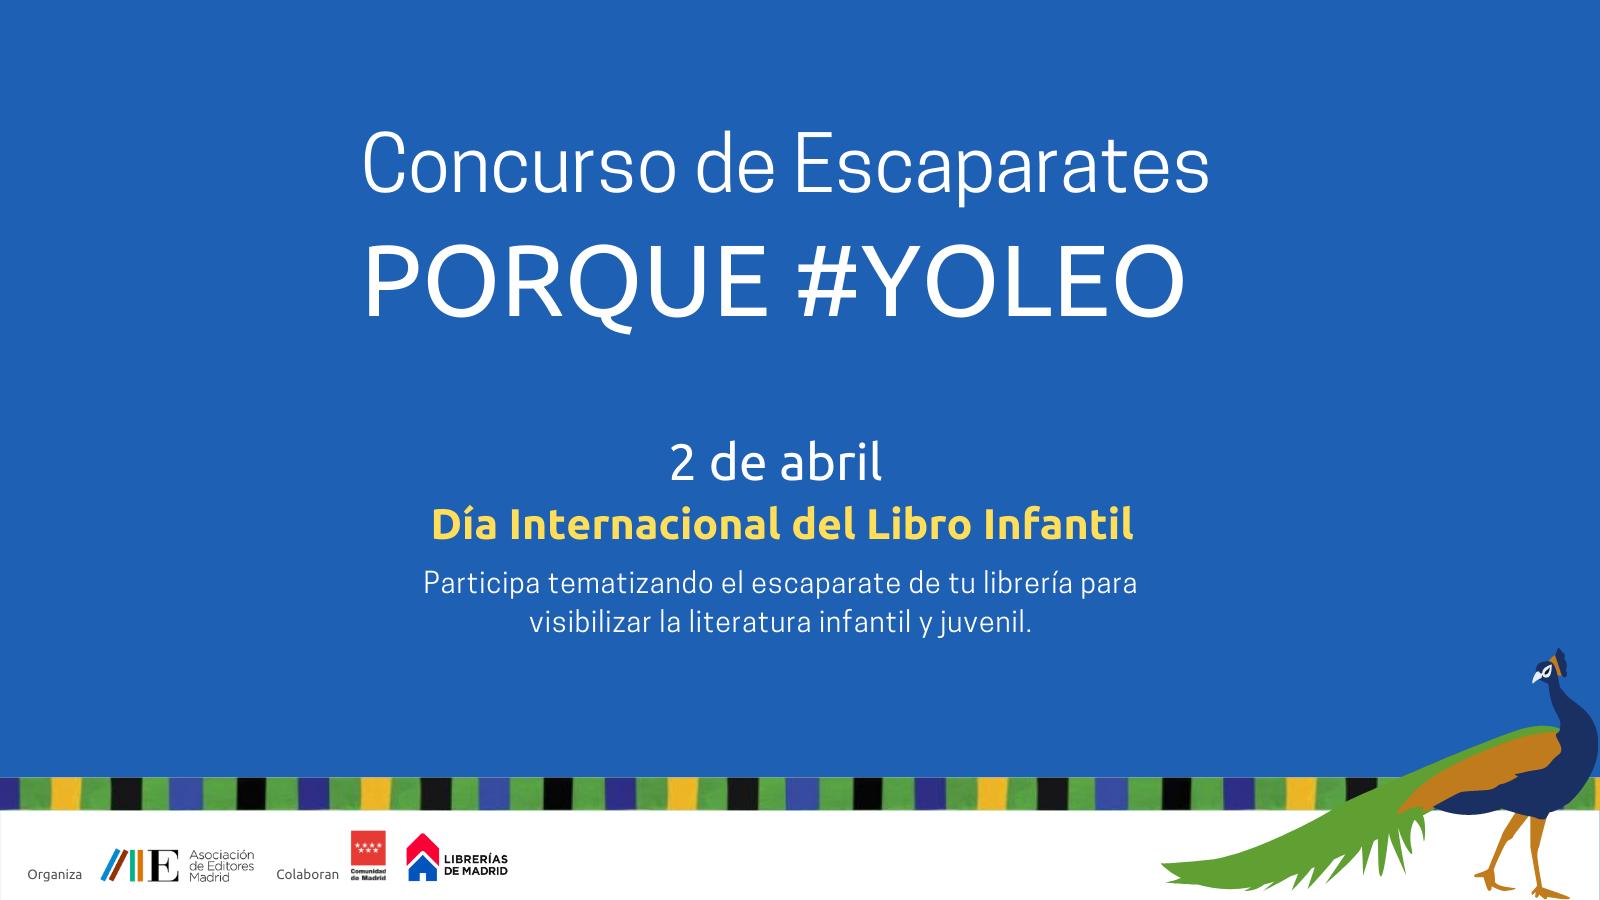 Celebraremos el Día Internacional del Libro Infantil y Juvenil con un concurso de escaparates